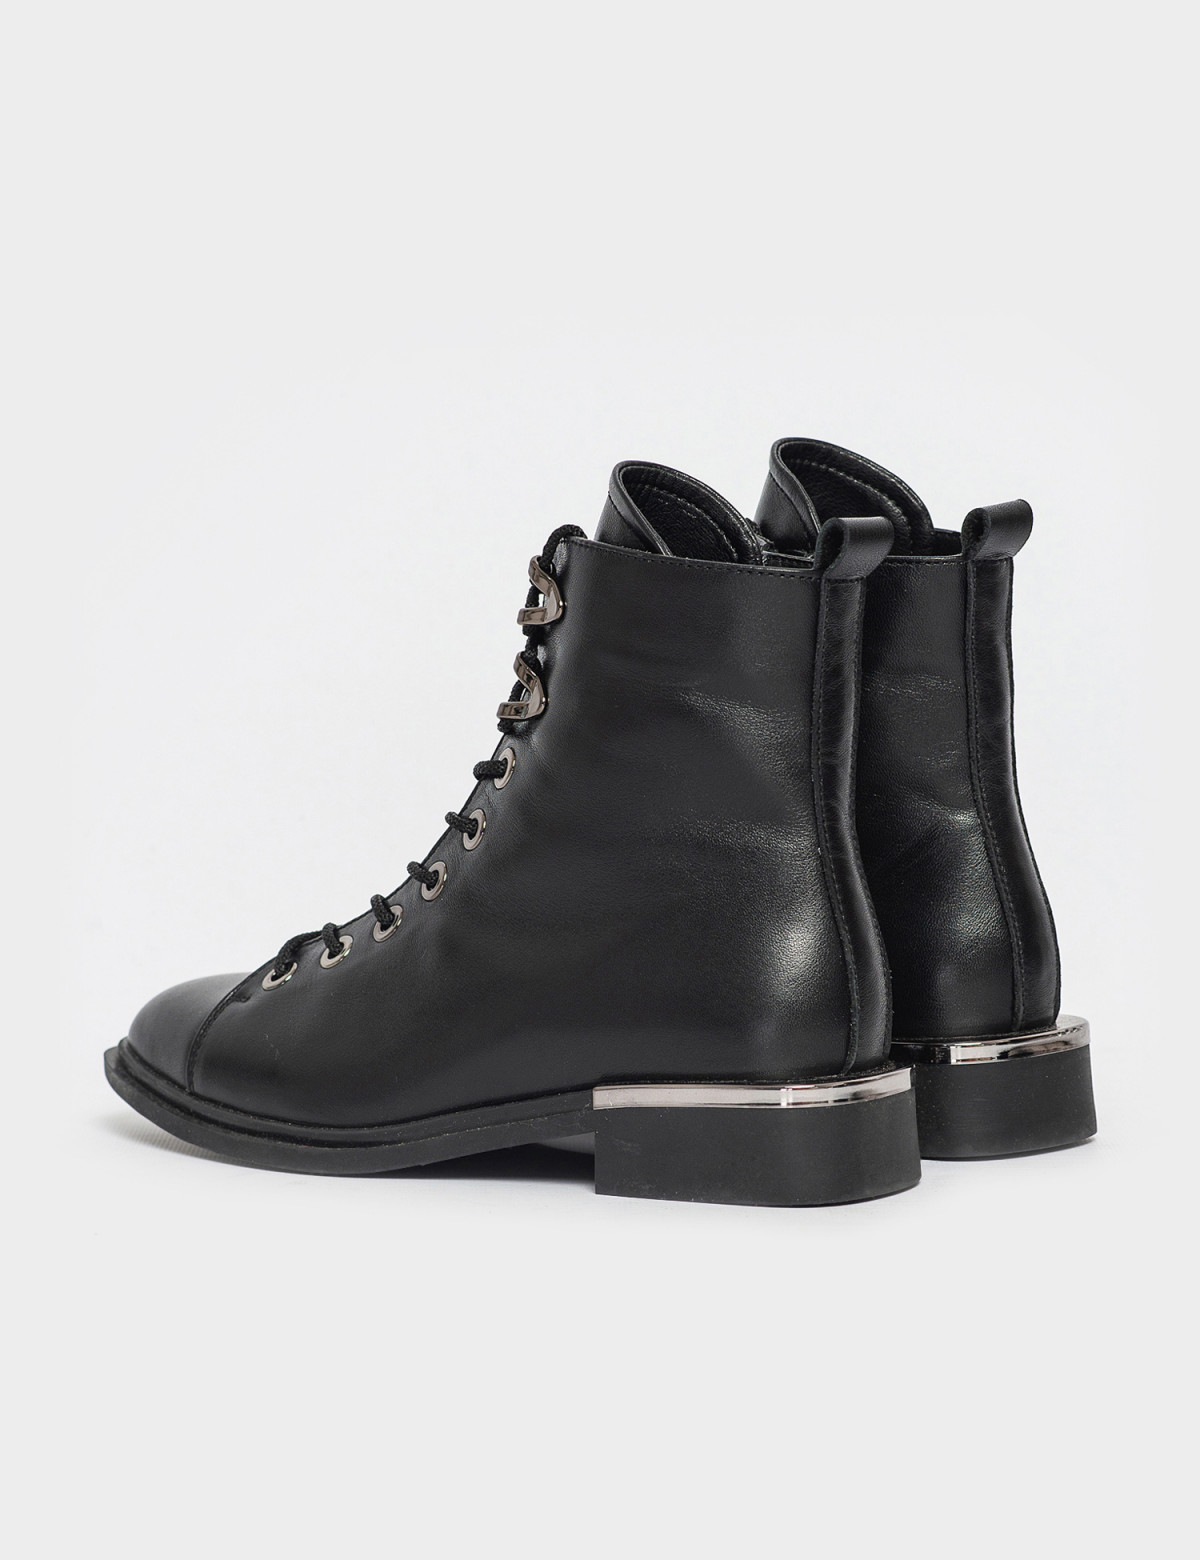 Ботинки черные. Натуральная кожа. Байка2